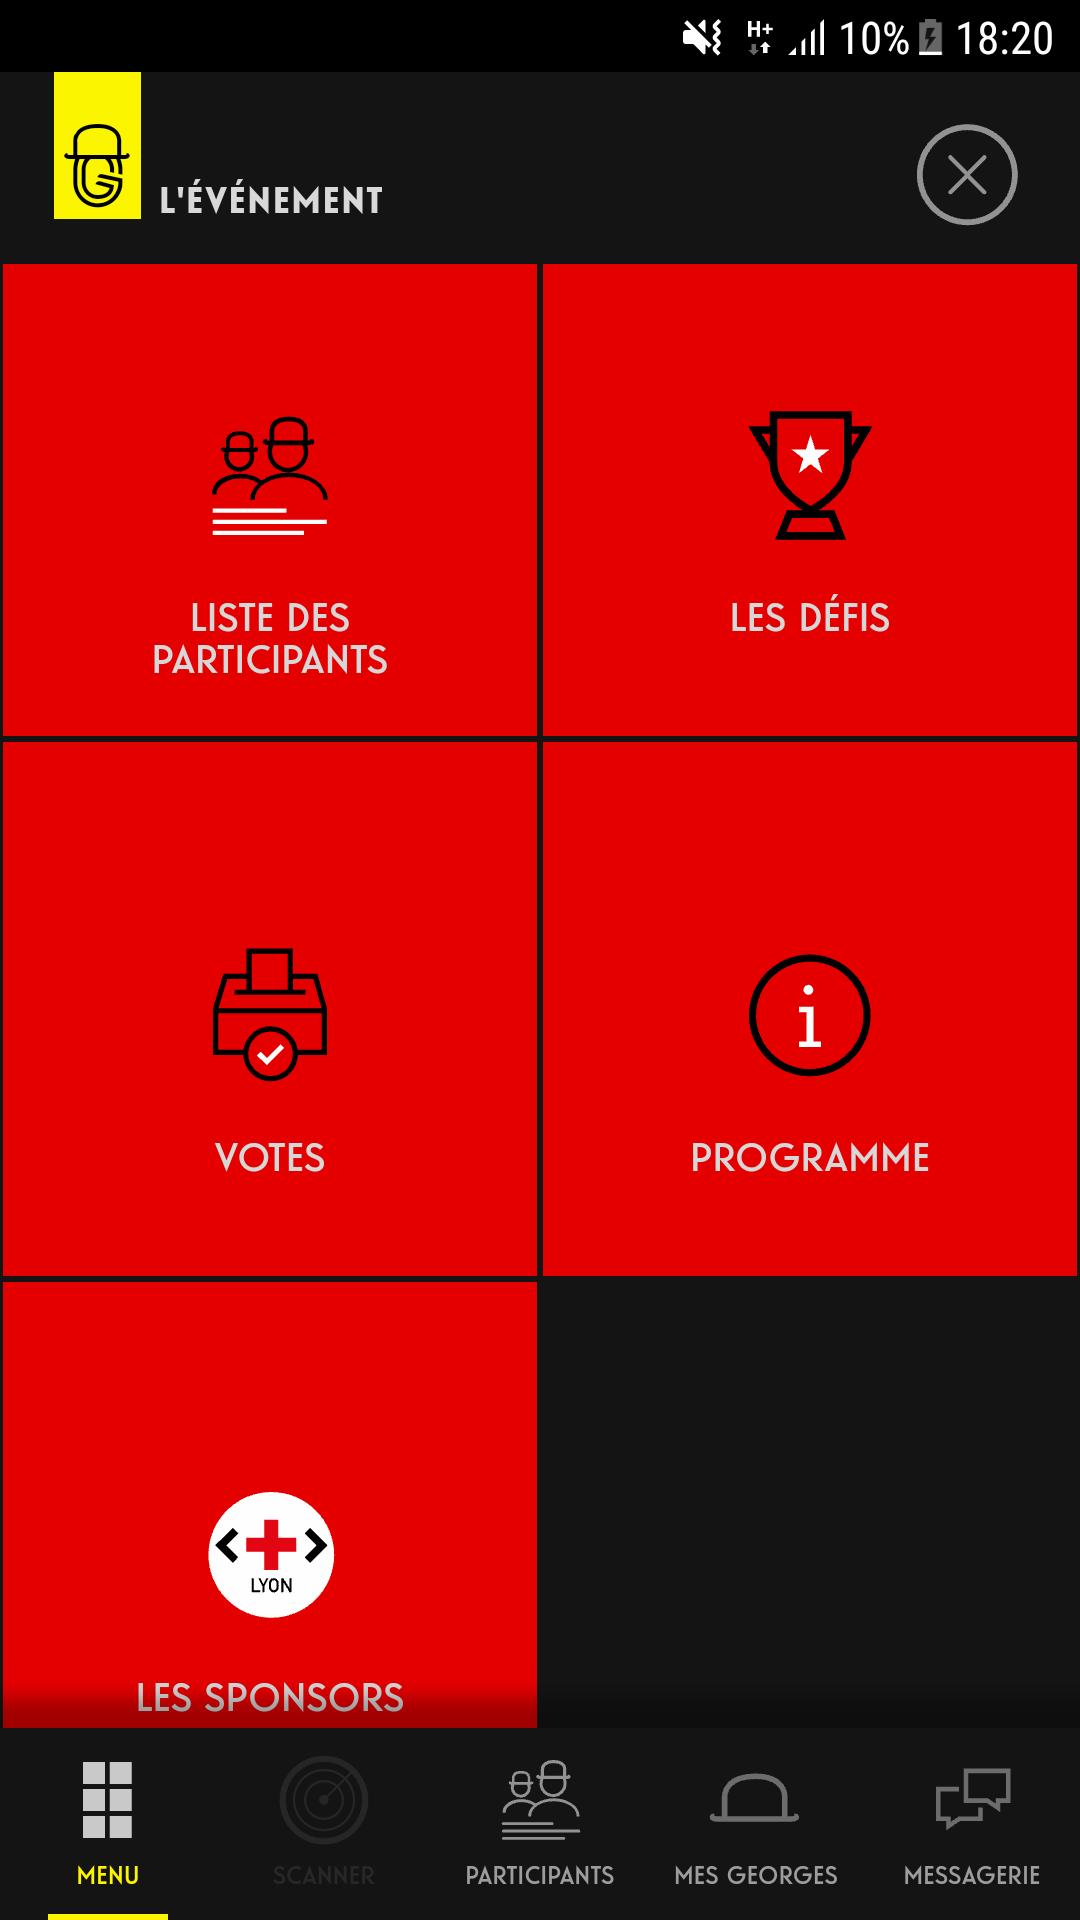 Dashboard de l'événement, entièrement configurable avec les différents modules duisponibles.